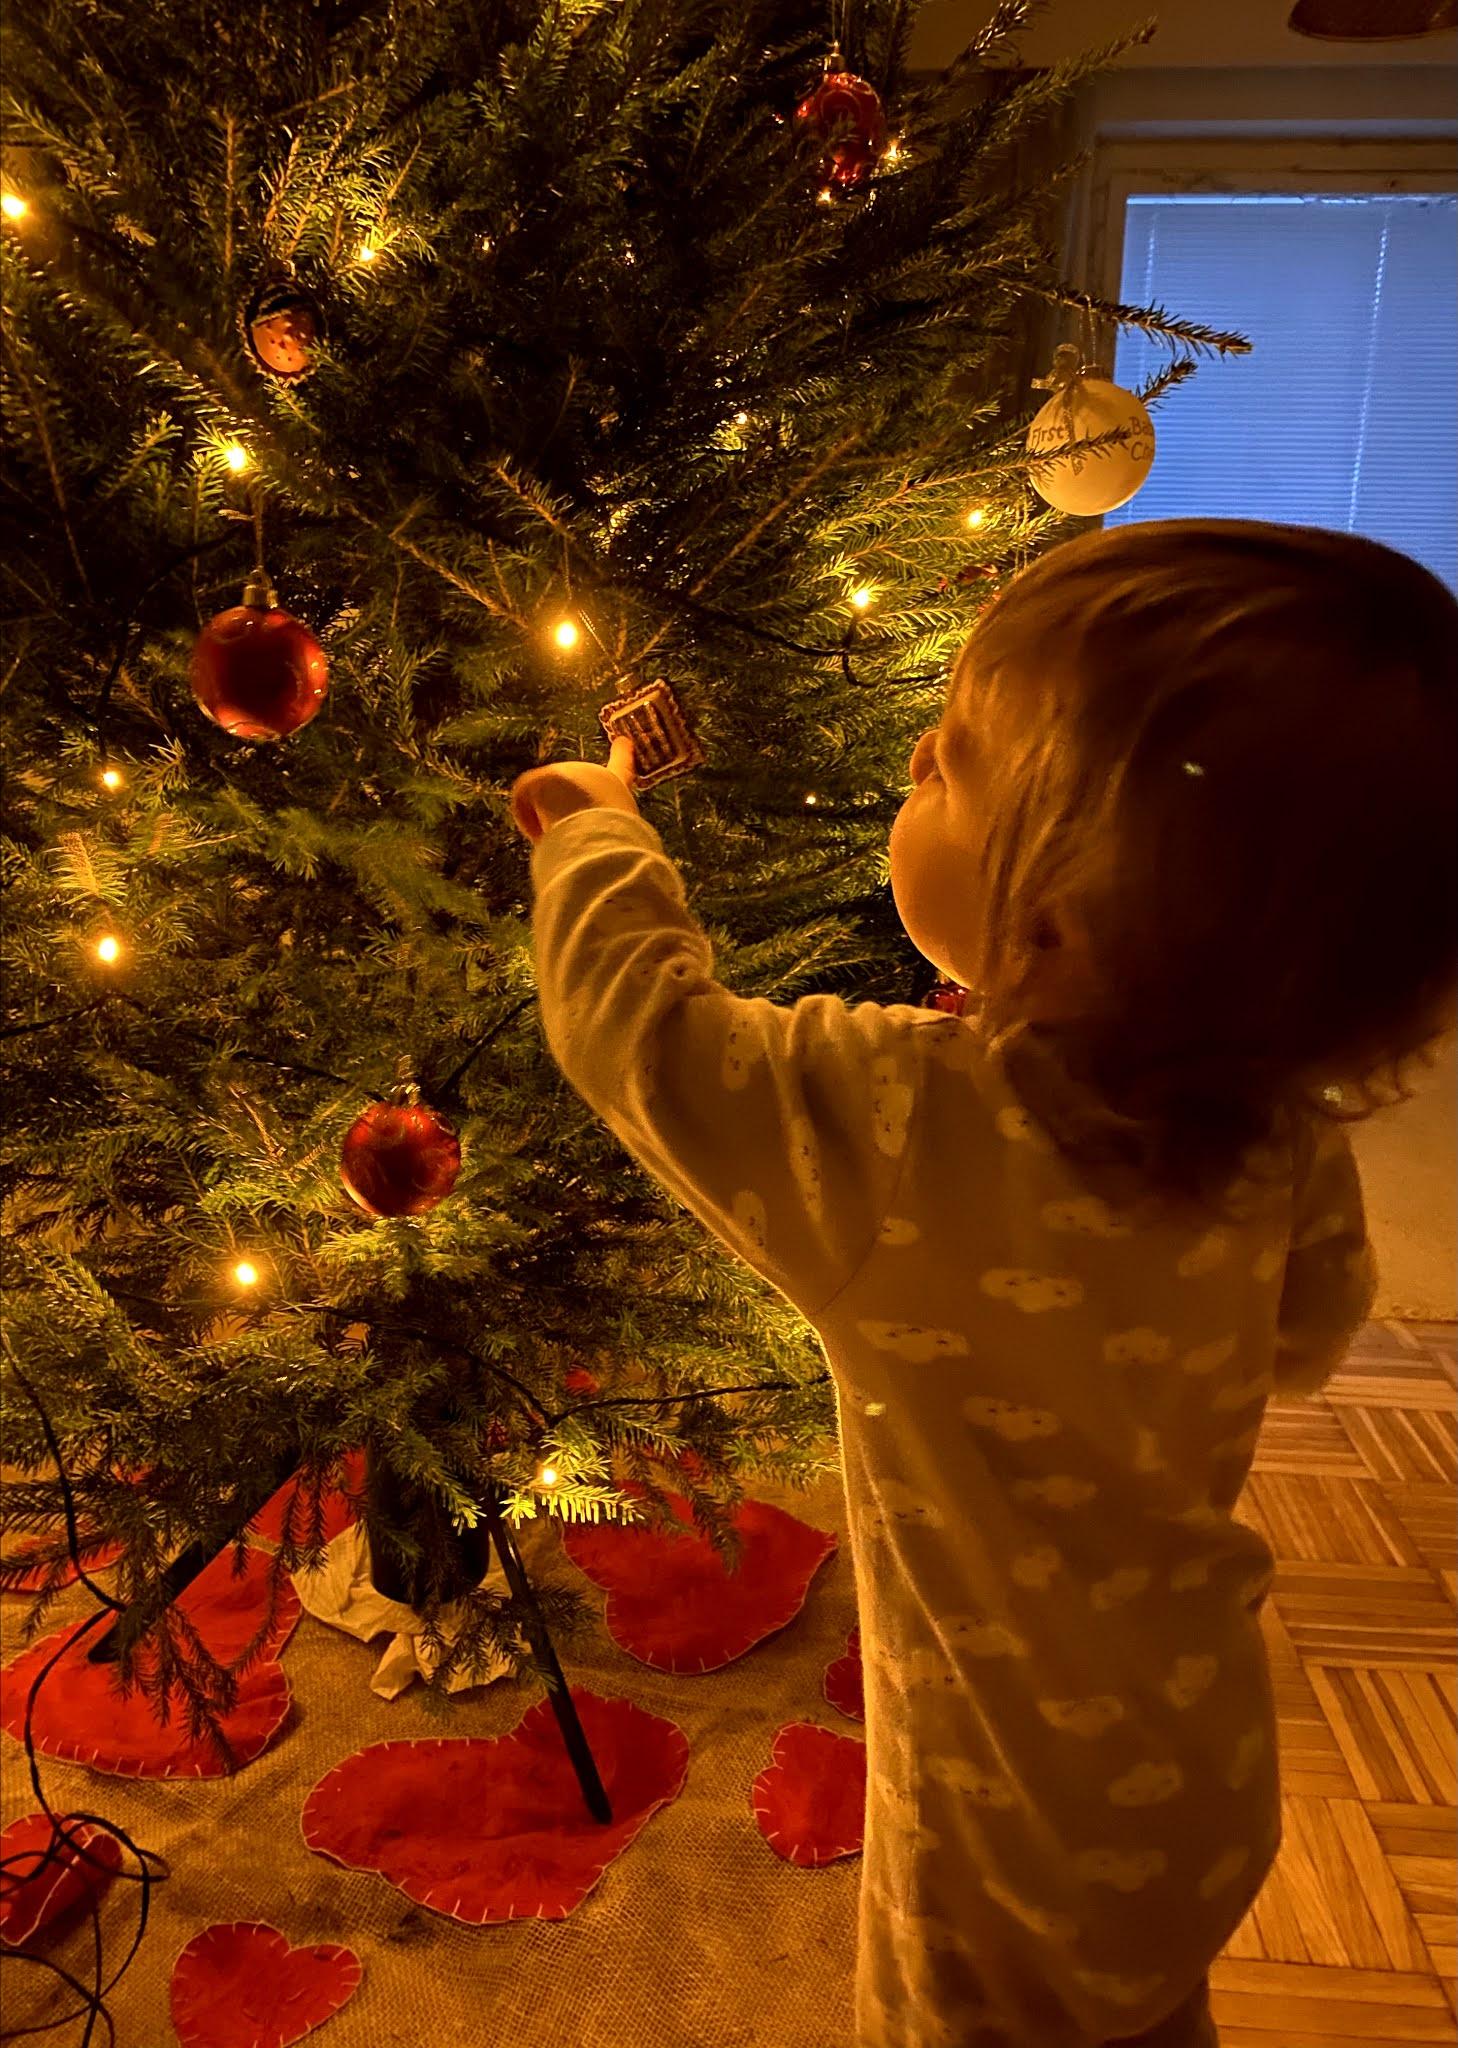 Jokainen joulu on ainutlaatuinen